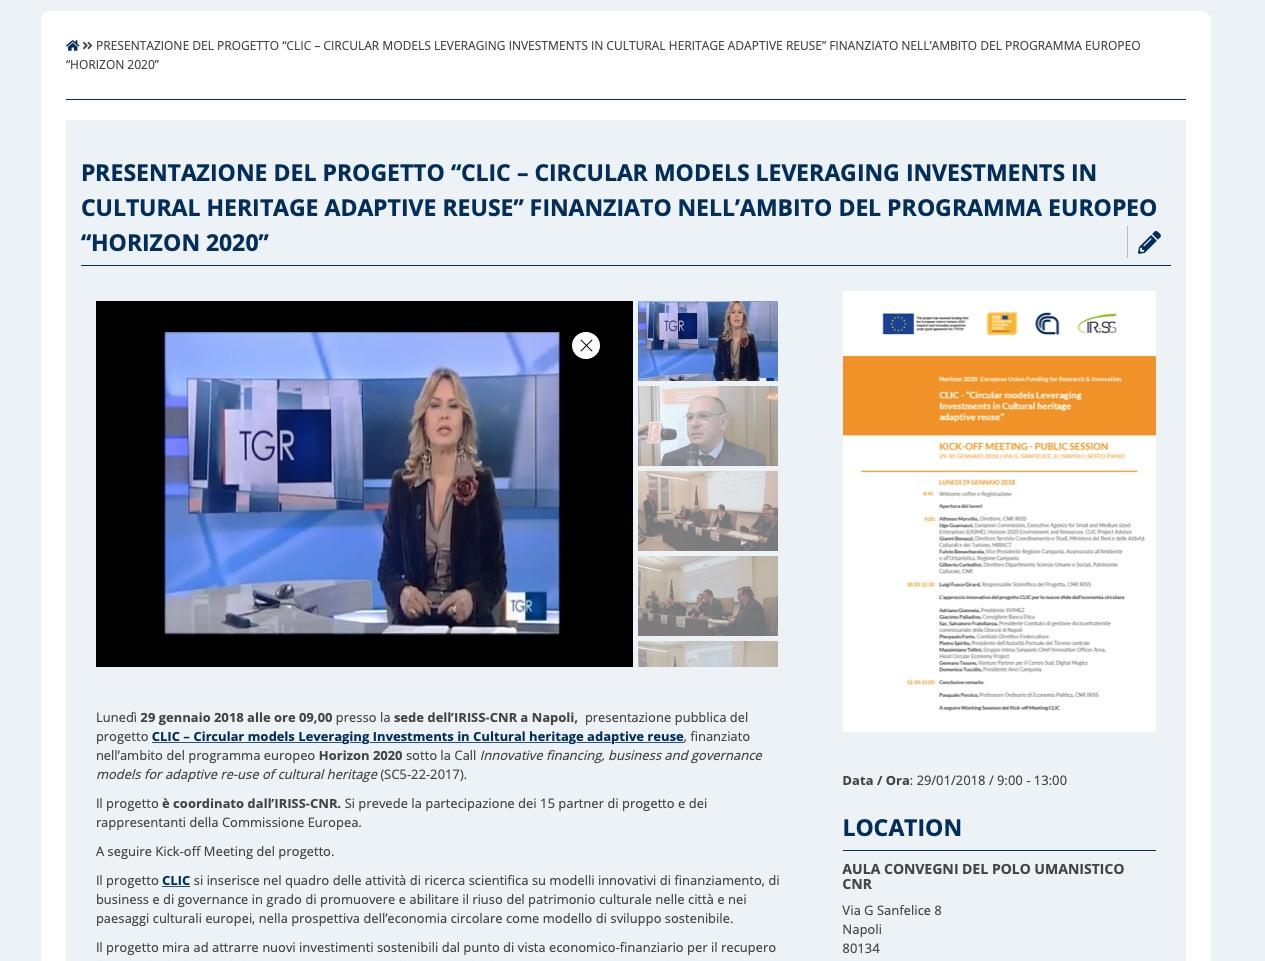 """Presentazione del progetto """"CLIC – Circular models Leveraging Investments in Cultural heritage adaptive reuse"""" finanziato nell'ambito del programma europeo """"Horizon 2020"""""""